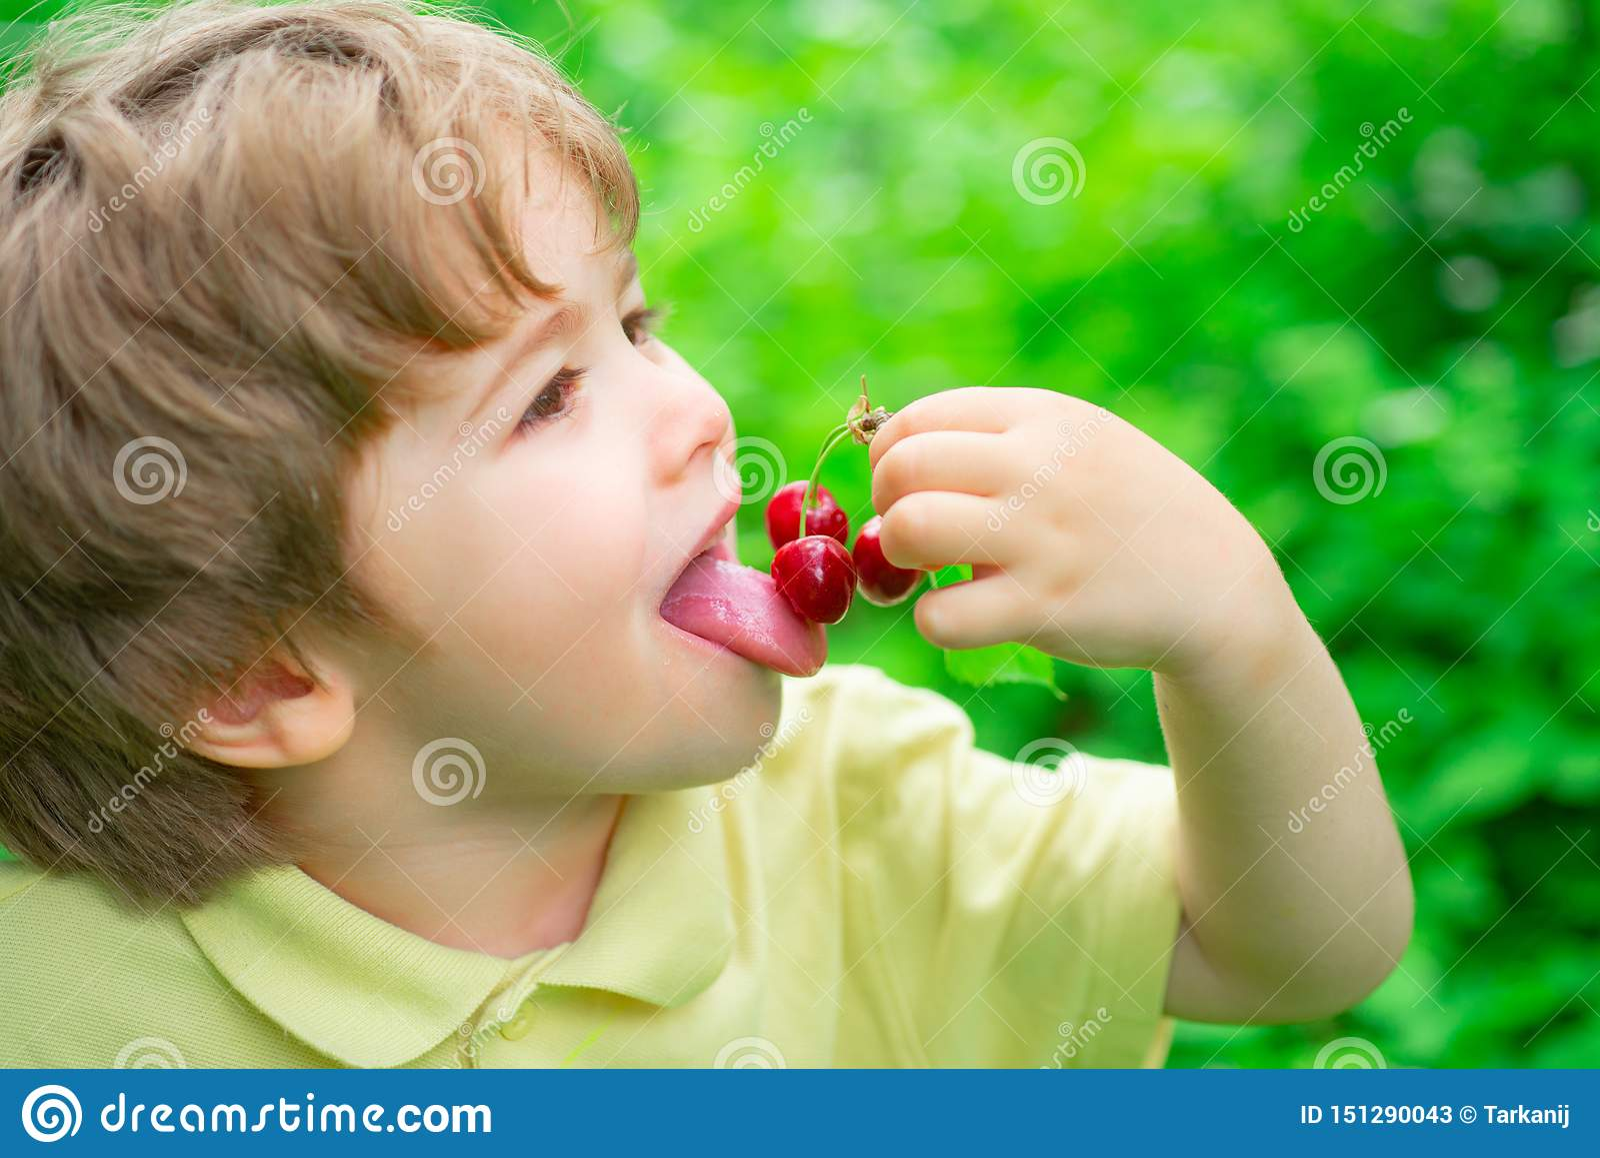 Γούστο κερασιών Το αγόρι τρώει τα θερινά φρούτα Εποχή κερασιών Φρούτα και μούρα για τα παιδιά